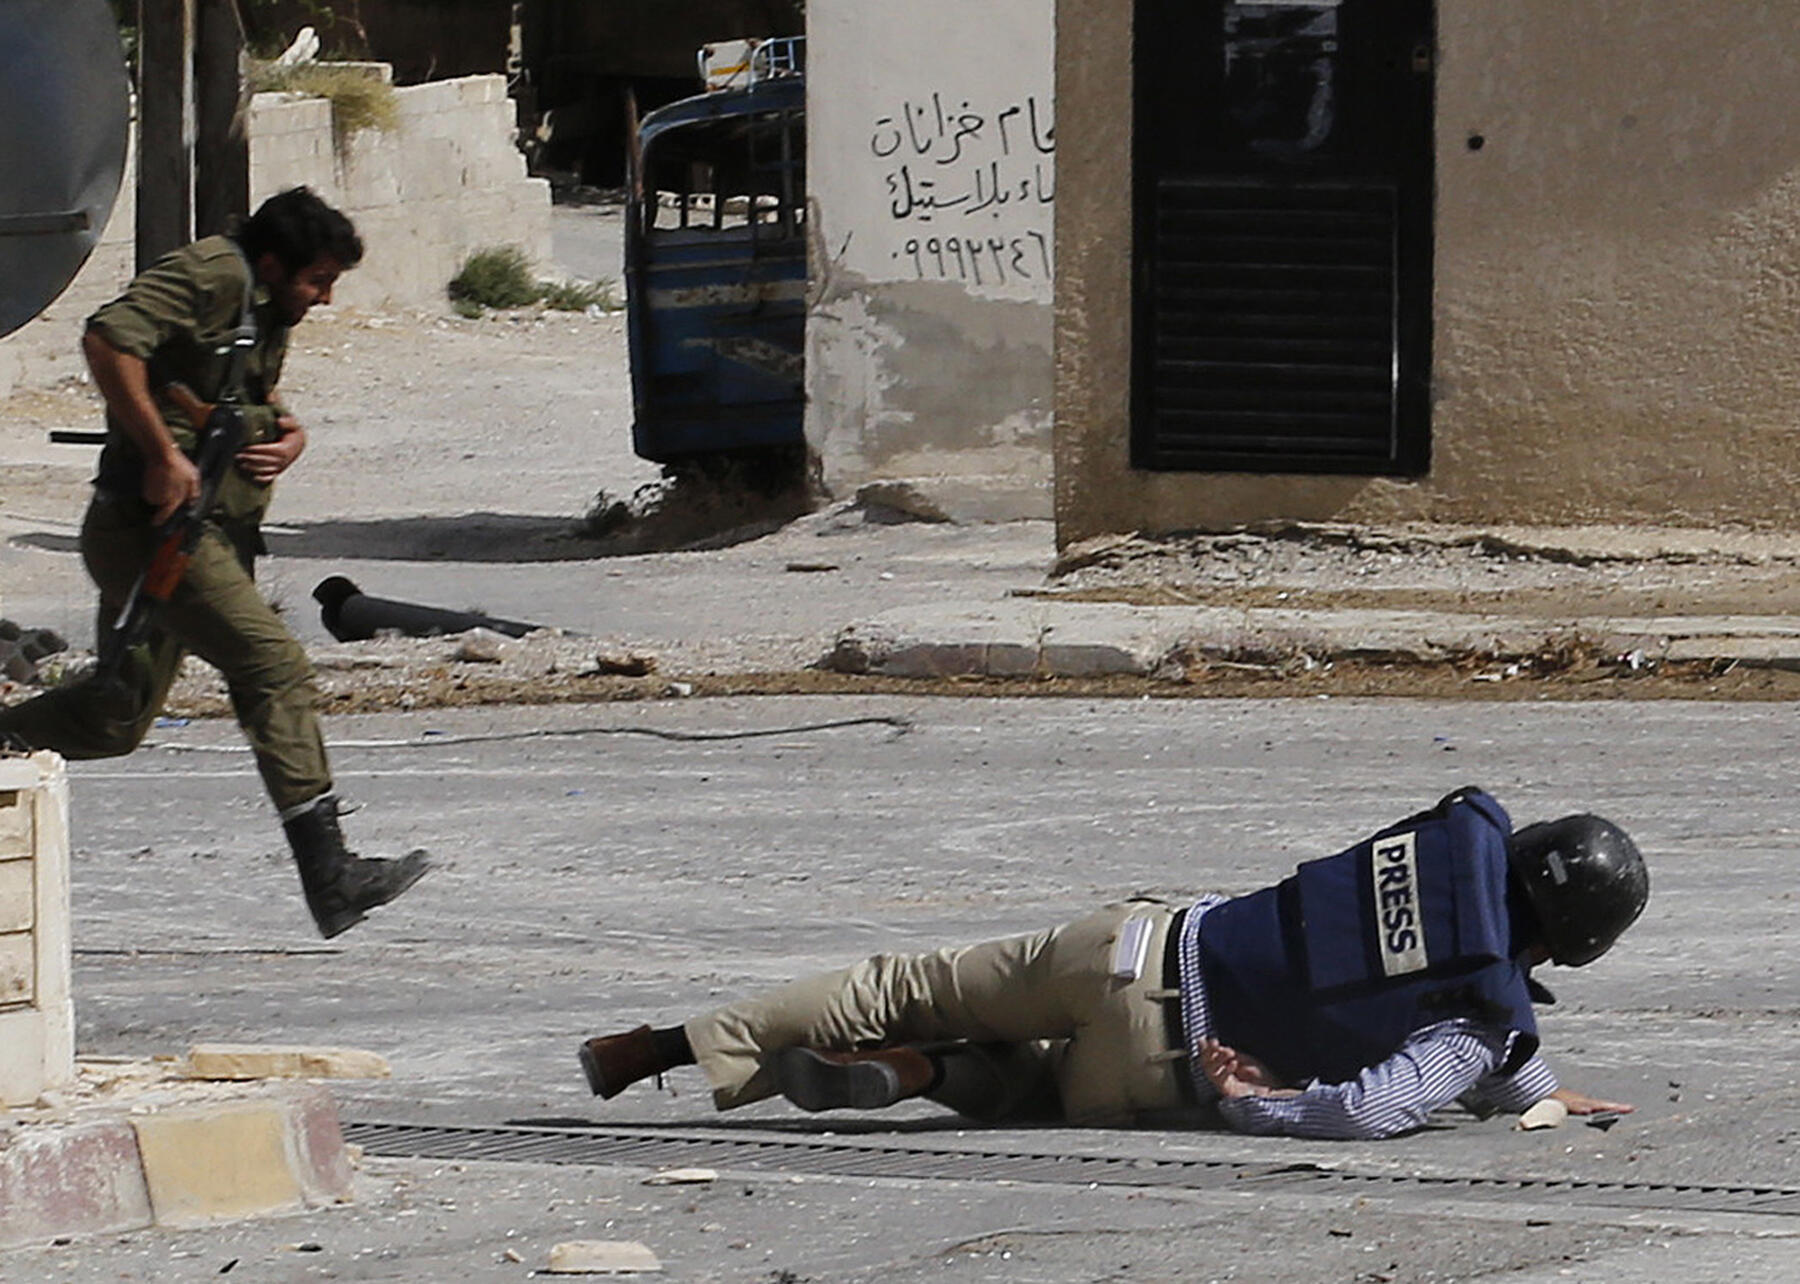 Un reporter de l'AFP Sammy Ketz rampe dans une rue de Maalula, le 18 septembre 2013 ; la Syrie a été l'un des 5 pays les plus dangereux pour les journalistes cette année.